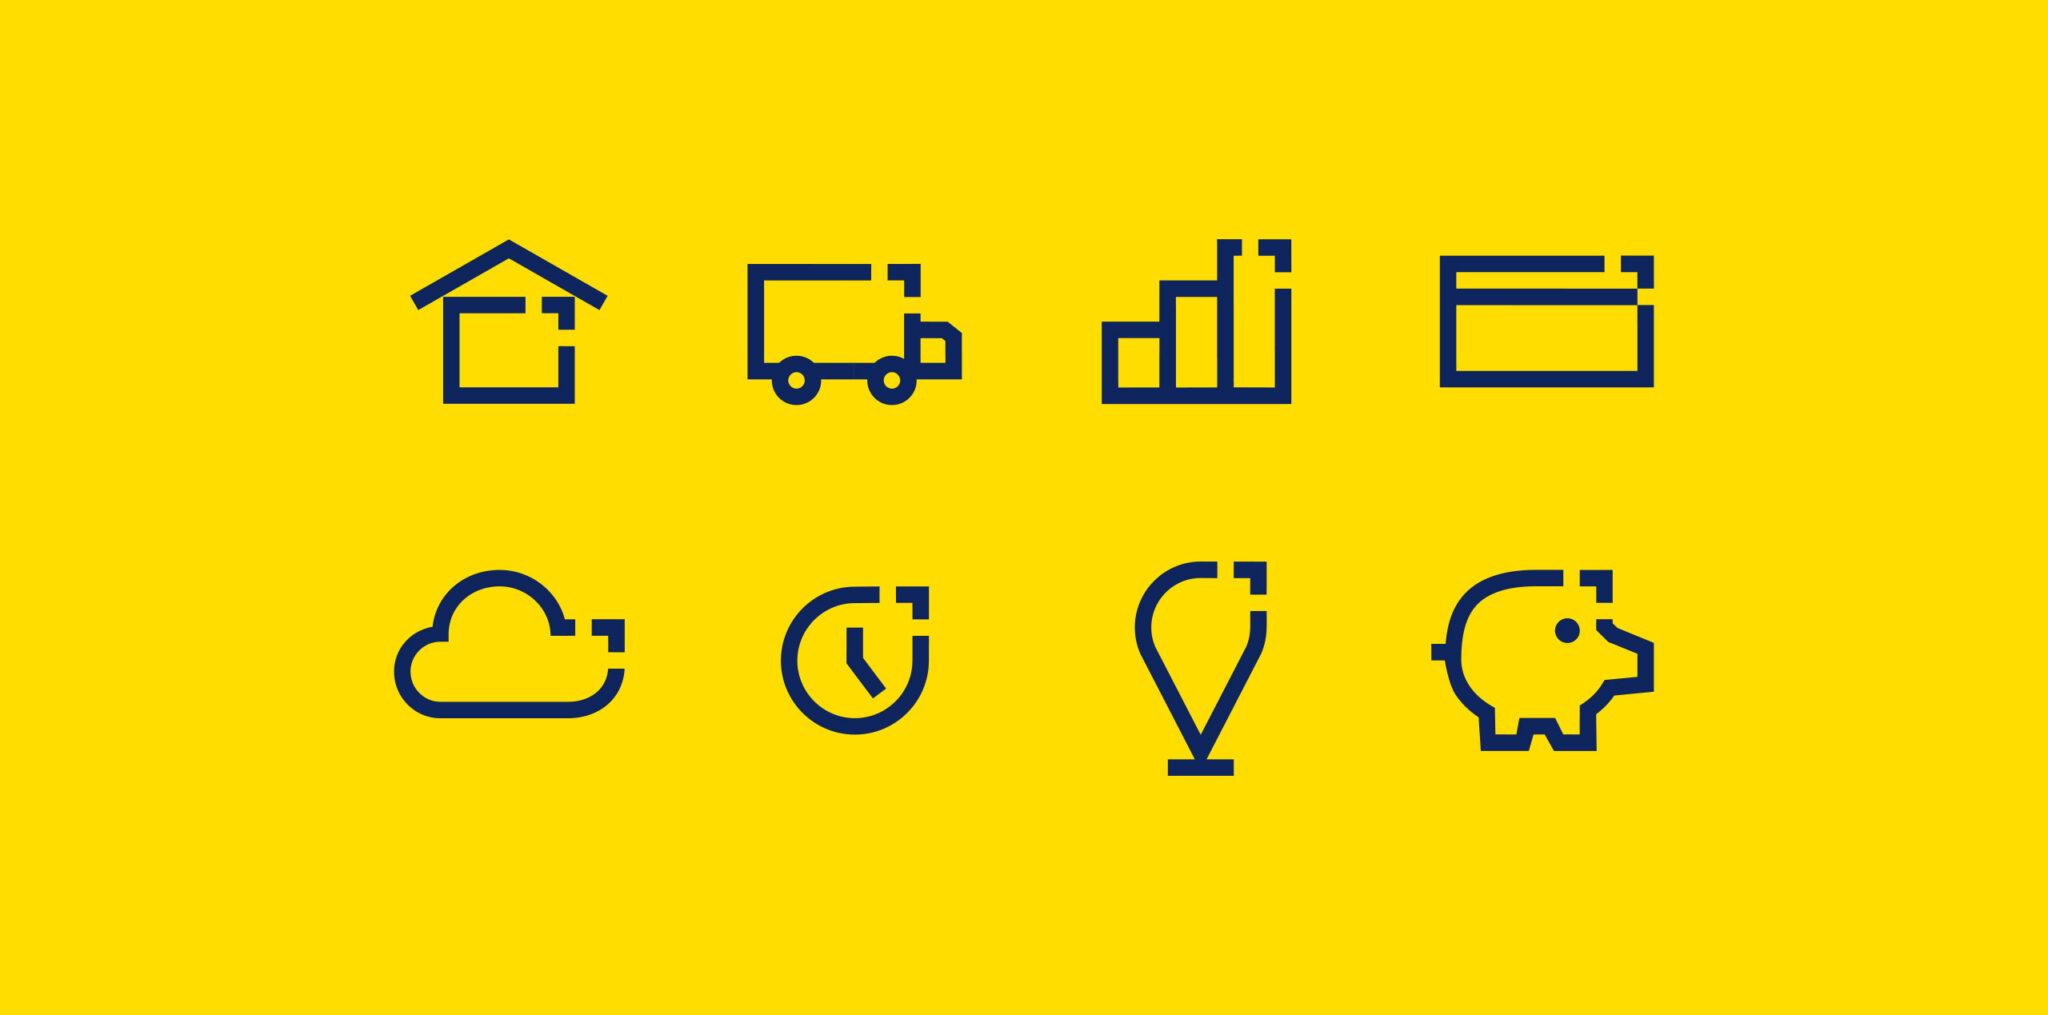 iconografía banco pichincha